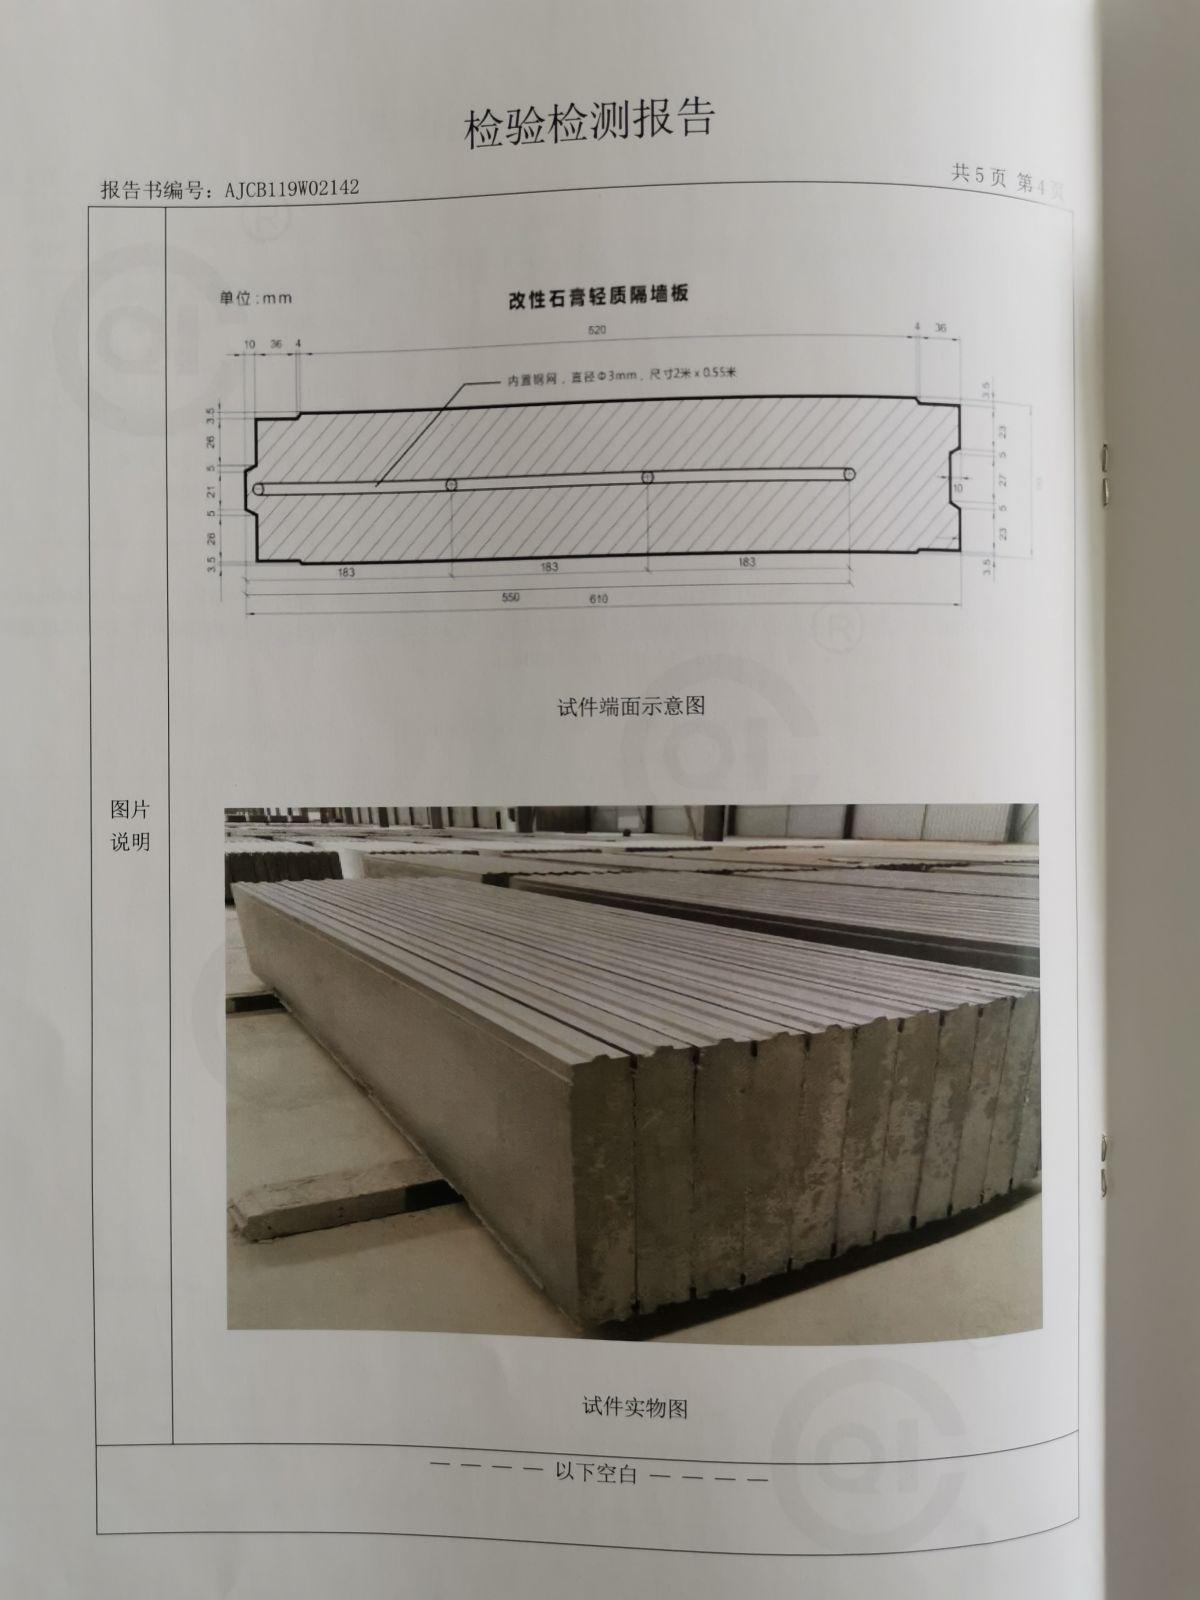 石膏轻质隔墙板隔音耐火性能检验报告5